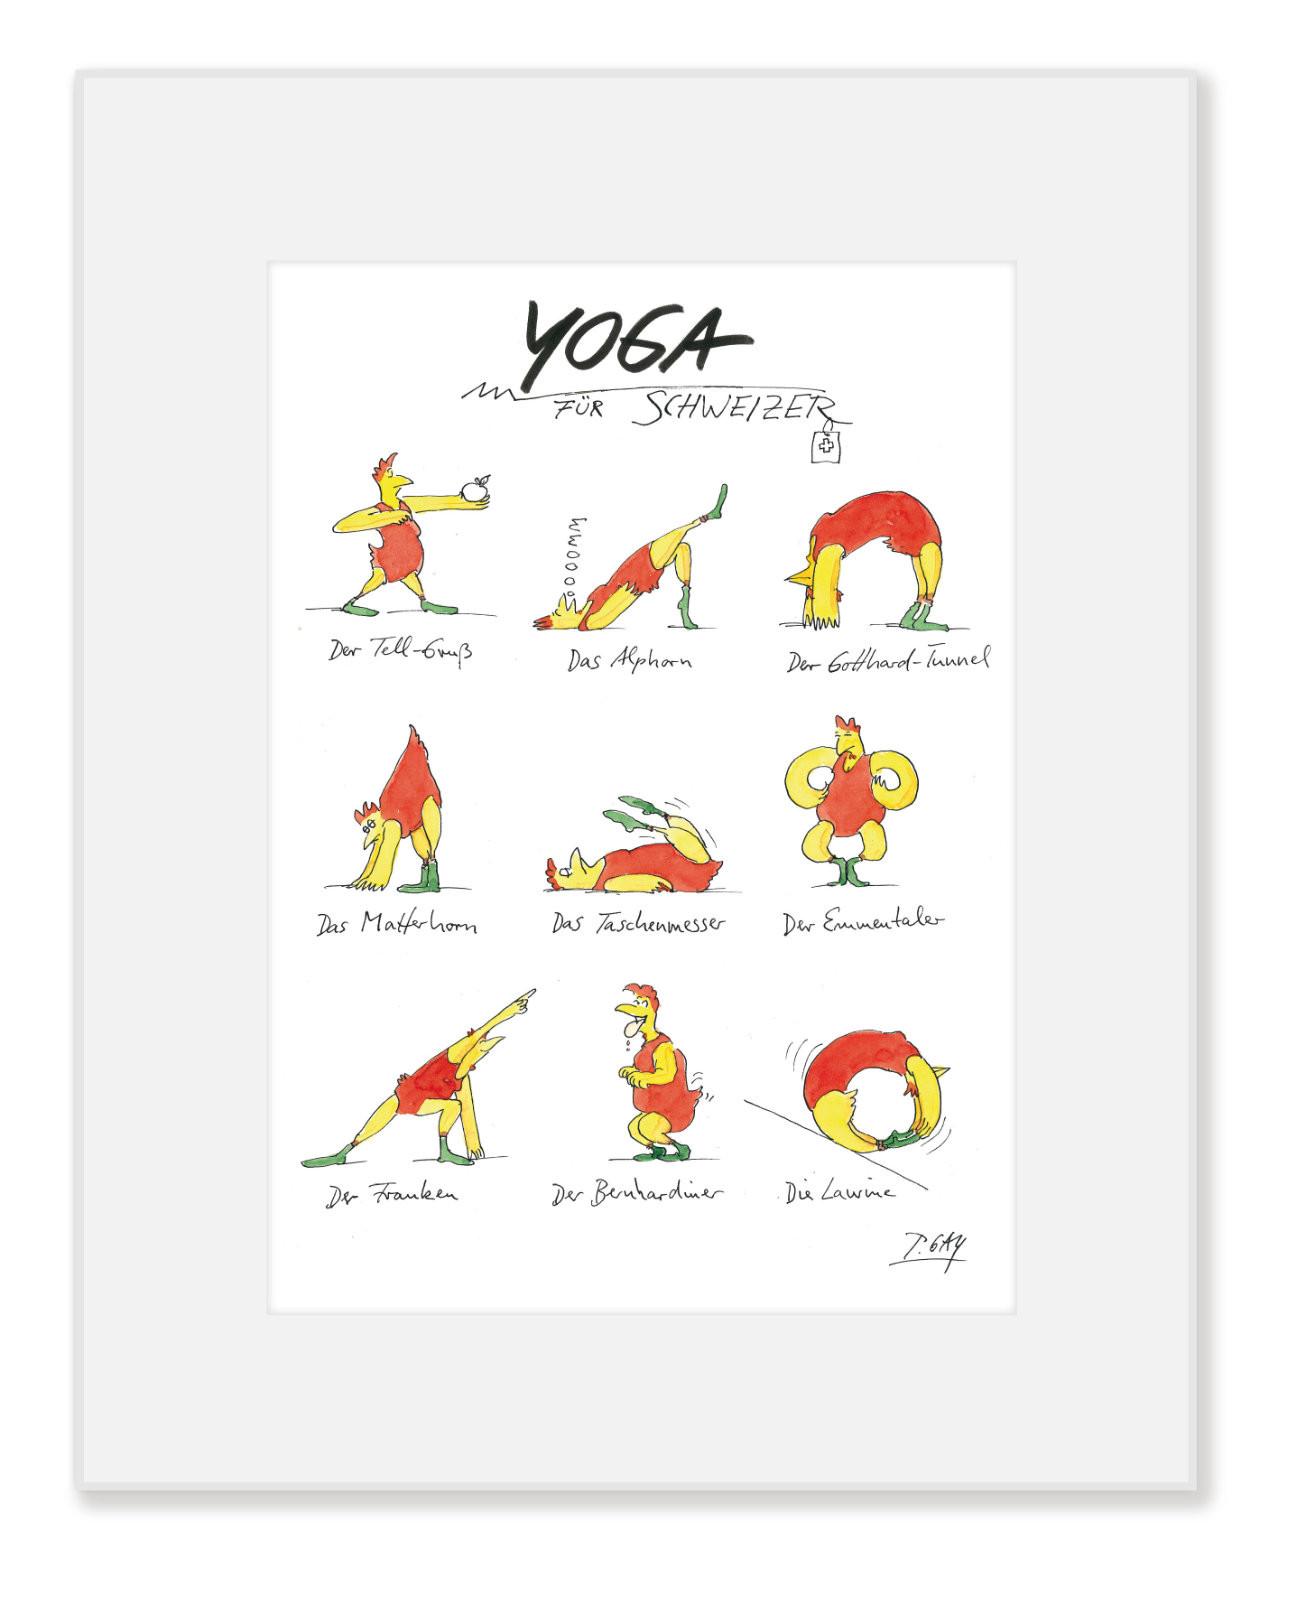 """Gaymann Kollektion, Poster im Passepartout """"Yoga für Schweizer"""" im Passepartout, 24x30cm"""